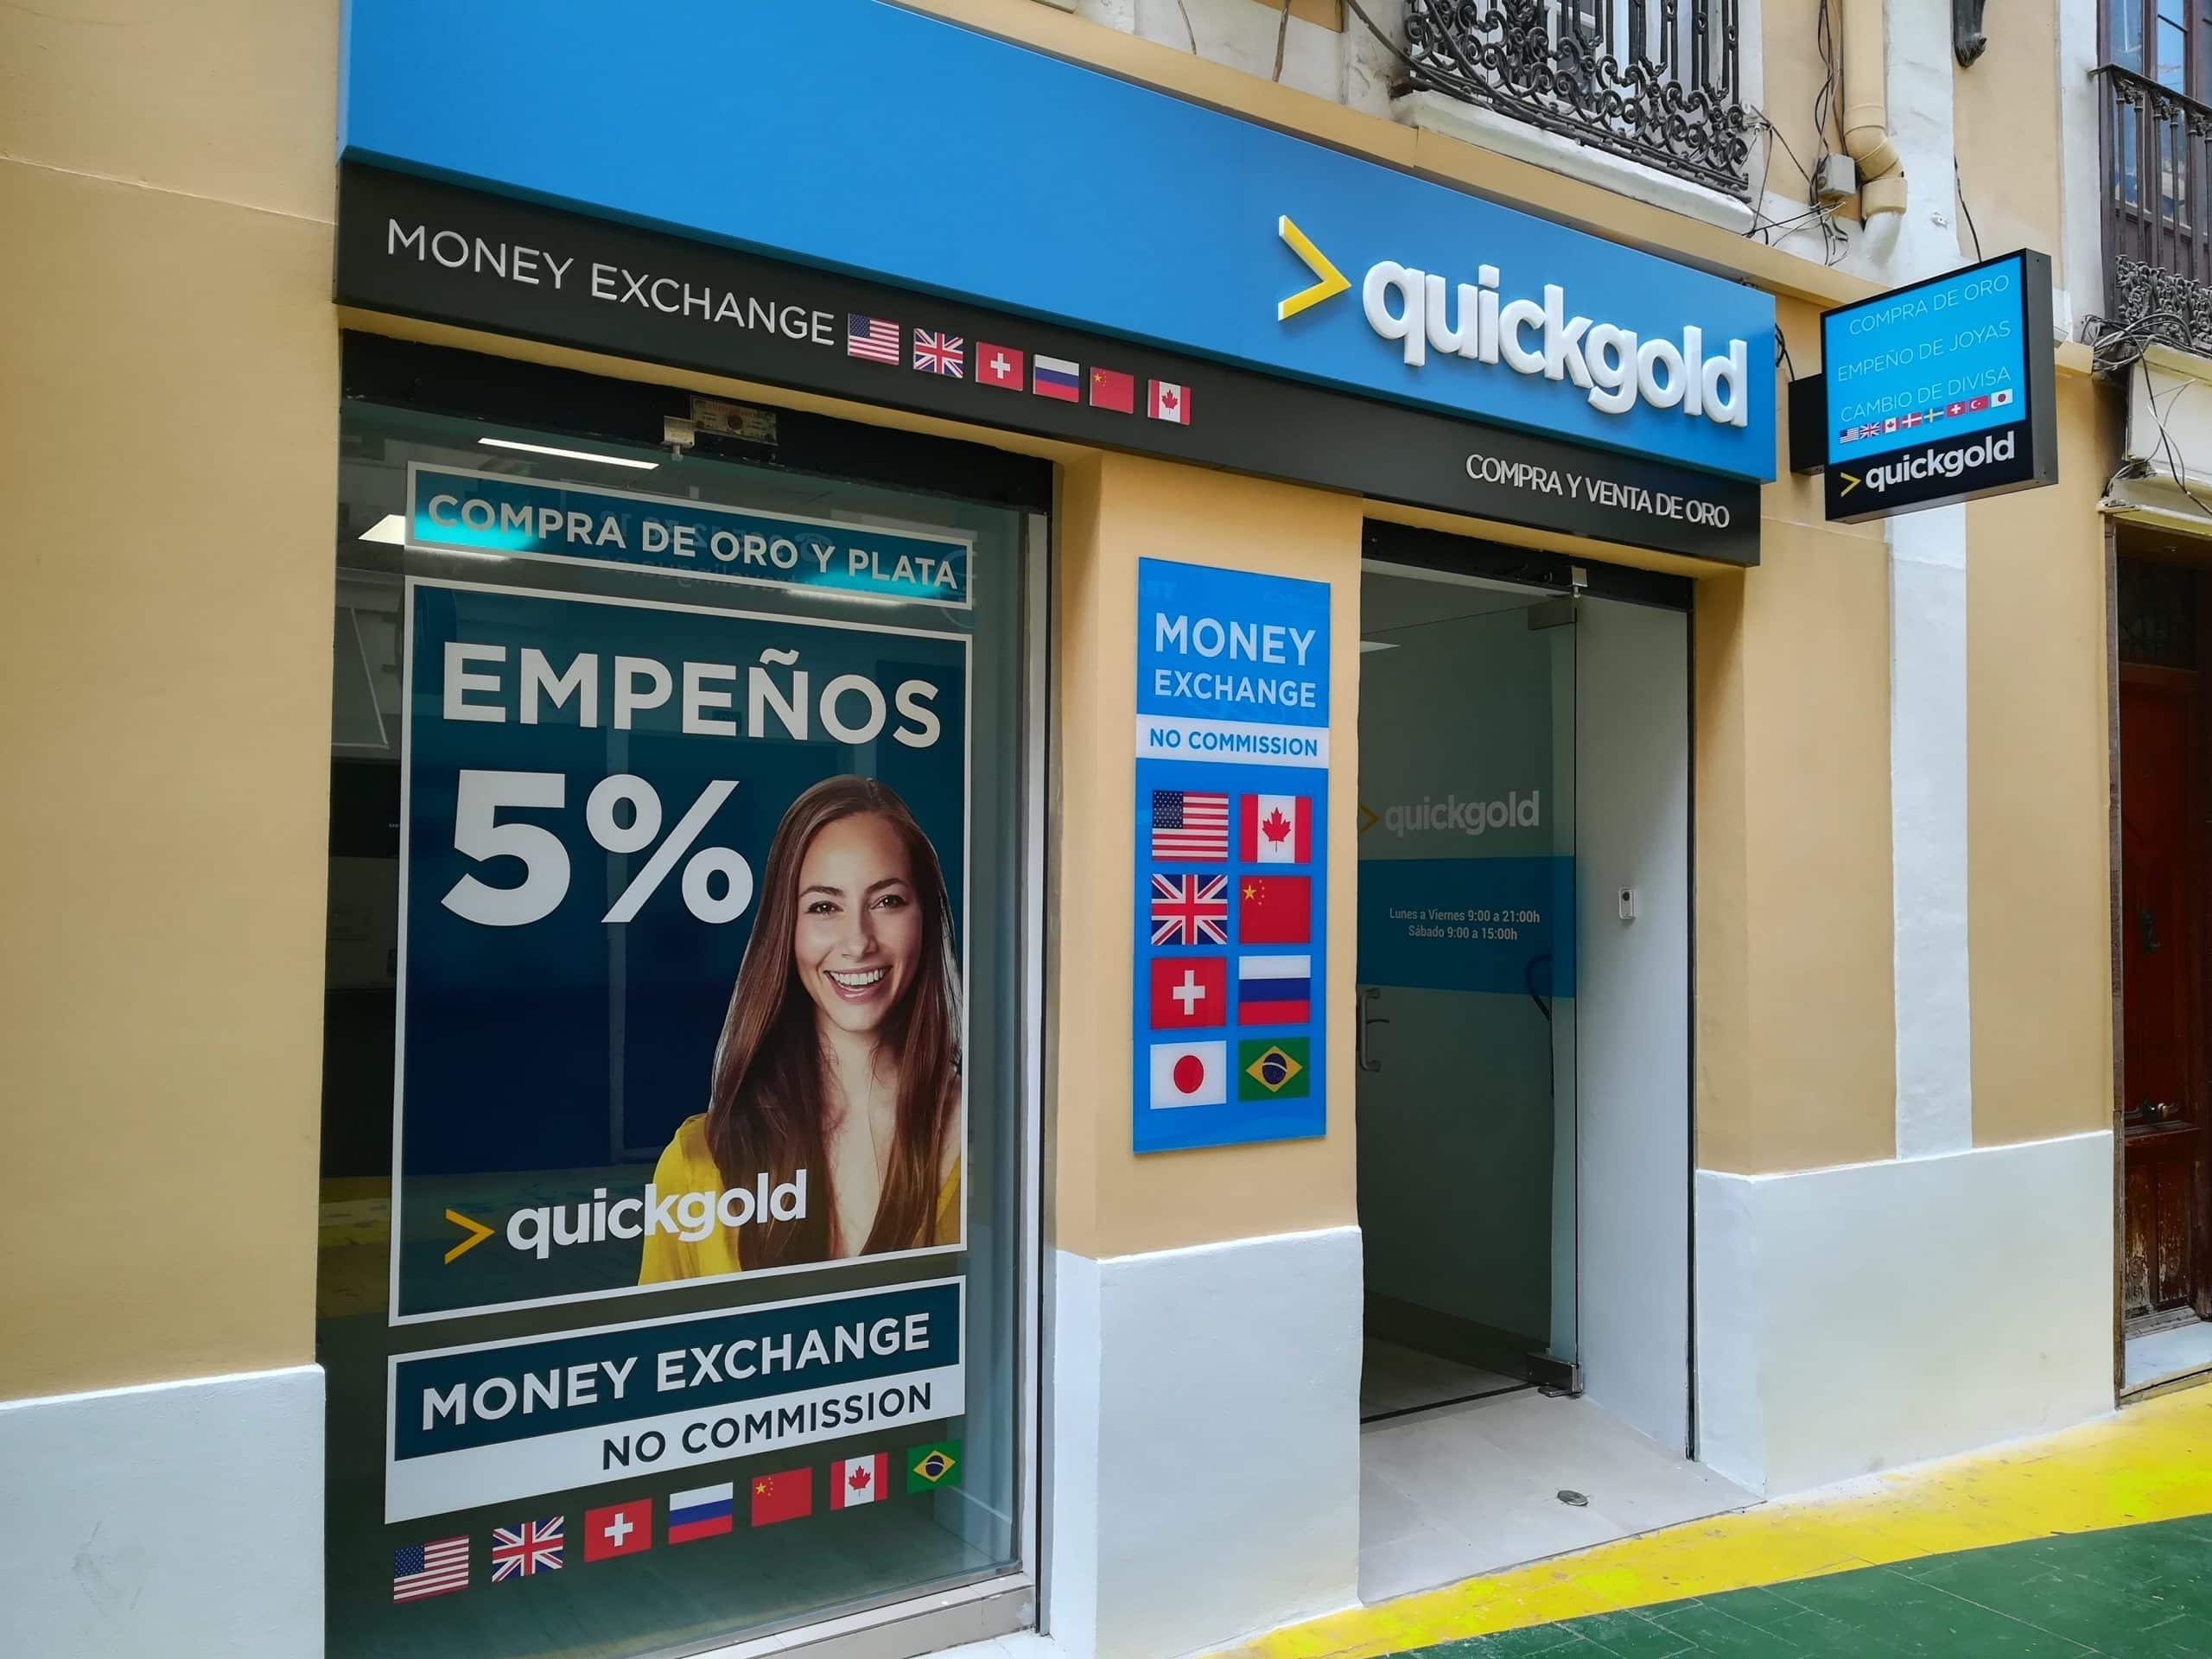 Tienda Quickgold San Francisco